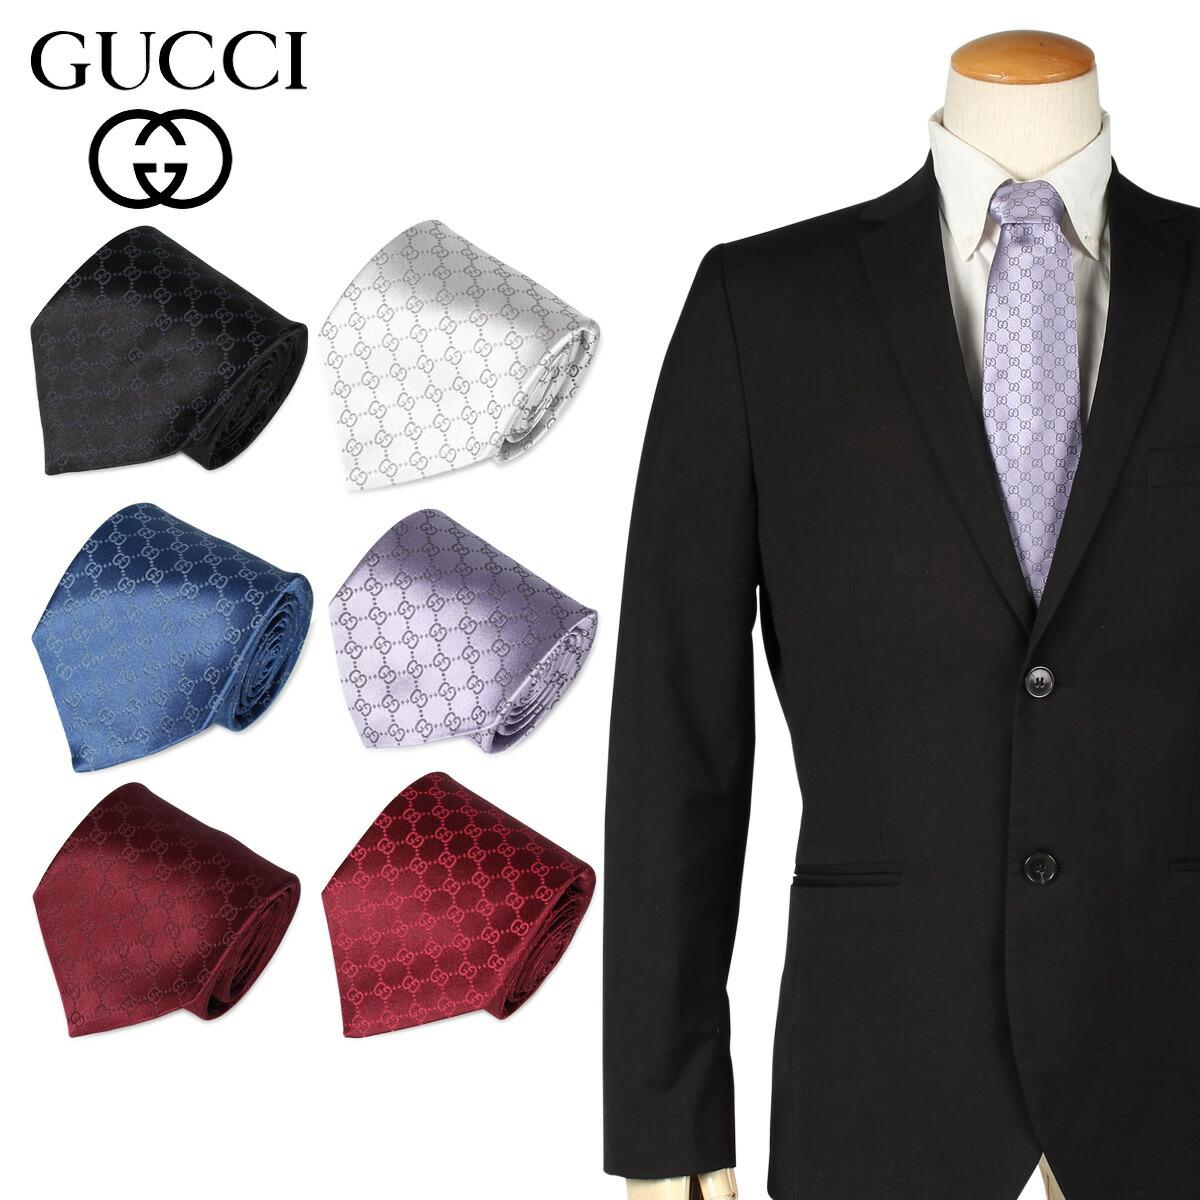 GUCCI グッチ ネクタイ メンズ シルク ビジネス 結婚式 456520